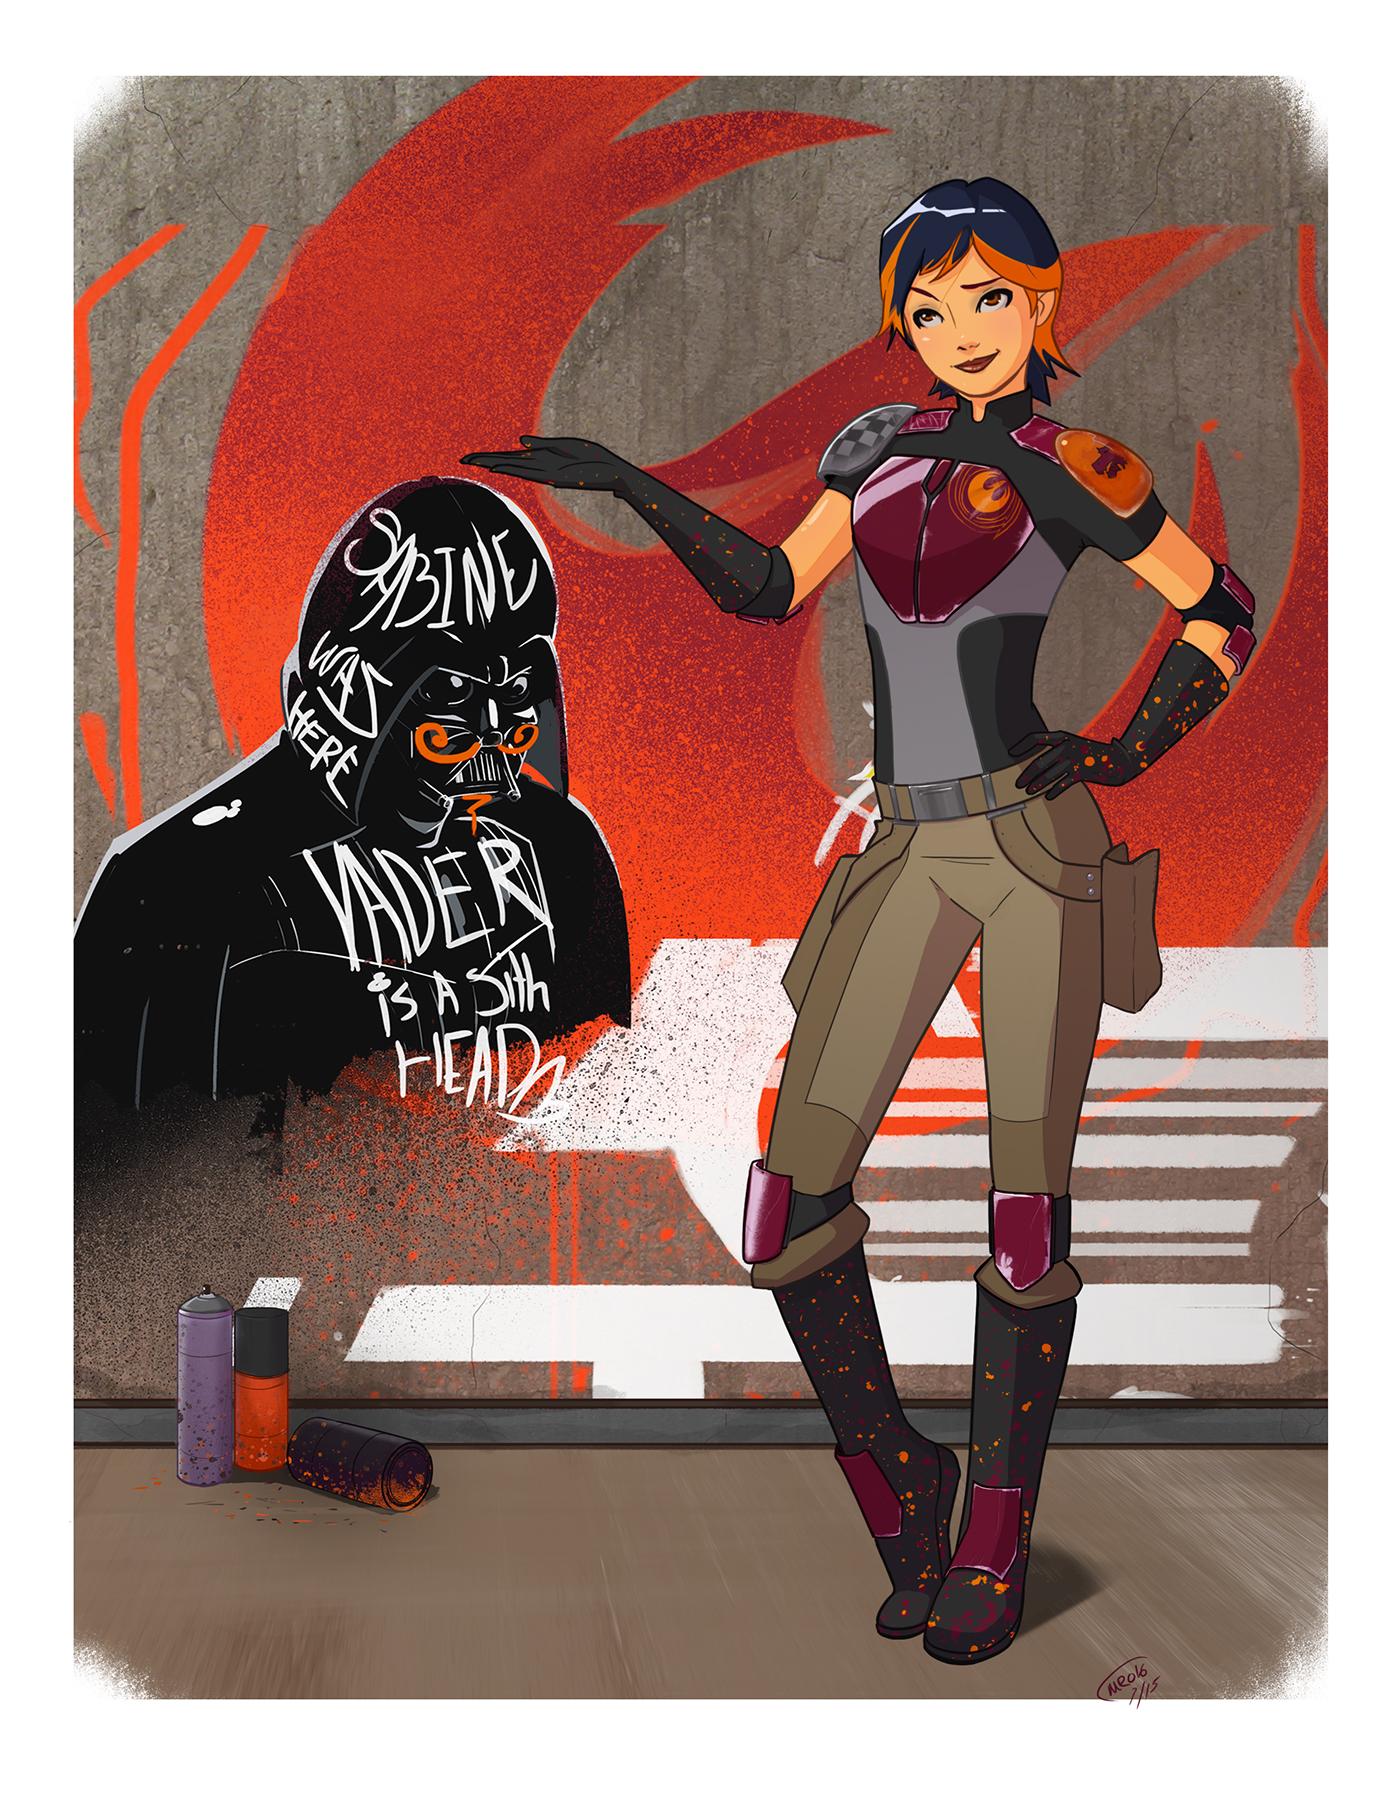 Star Wars Rebels: Sabine Commission on Behance